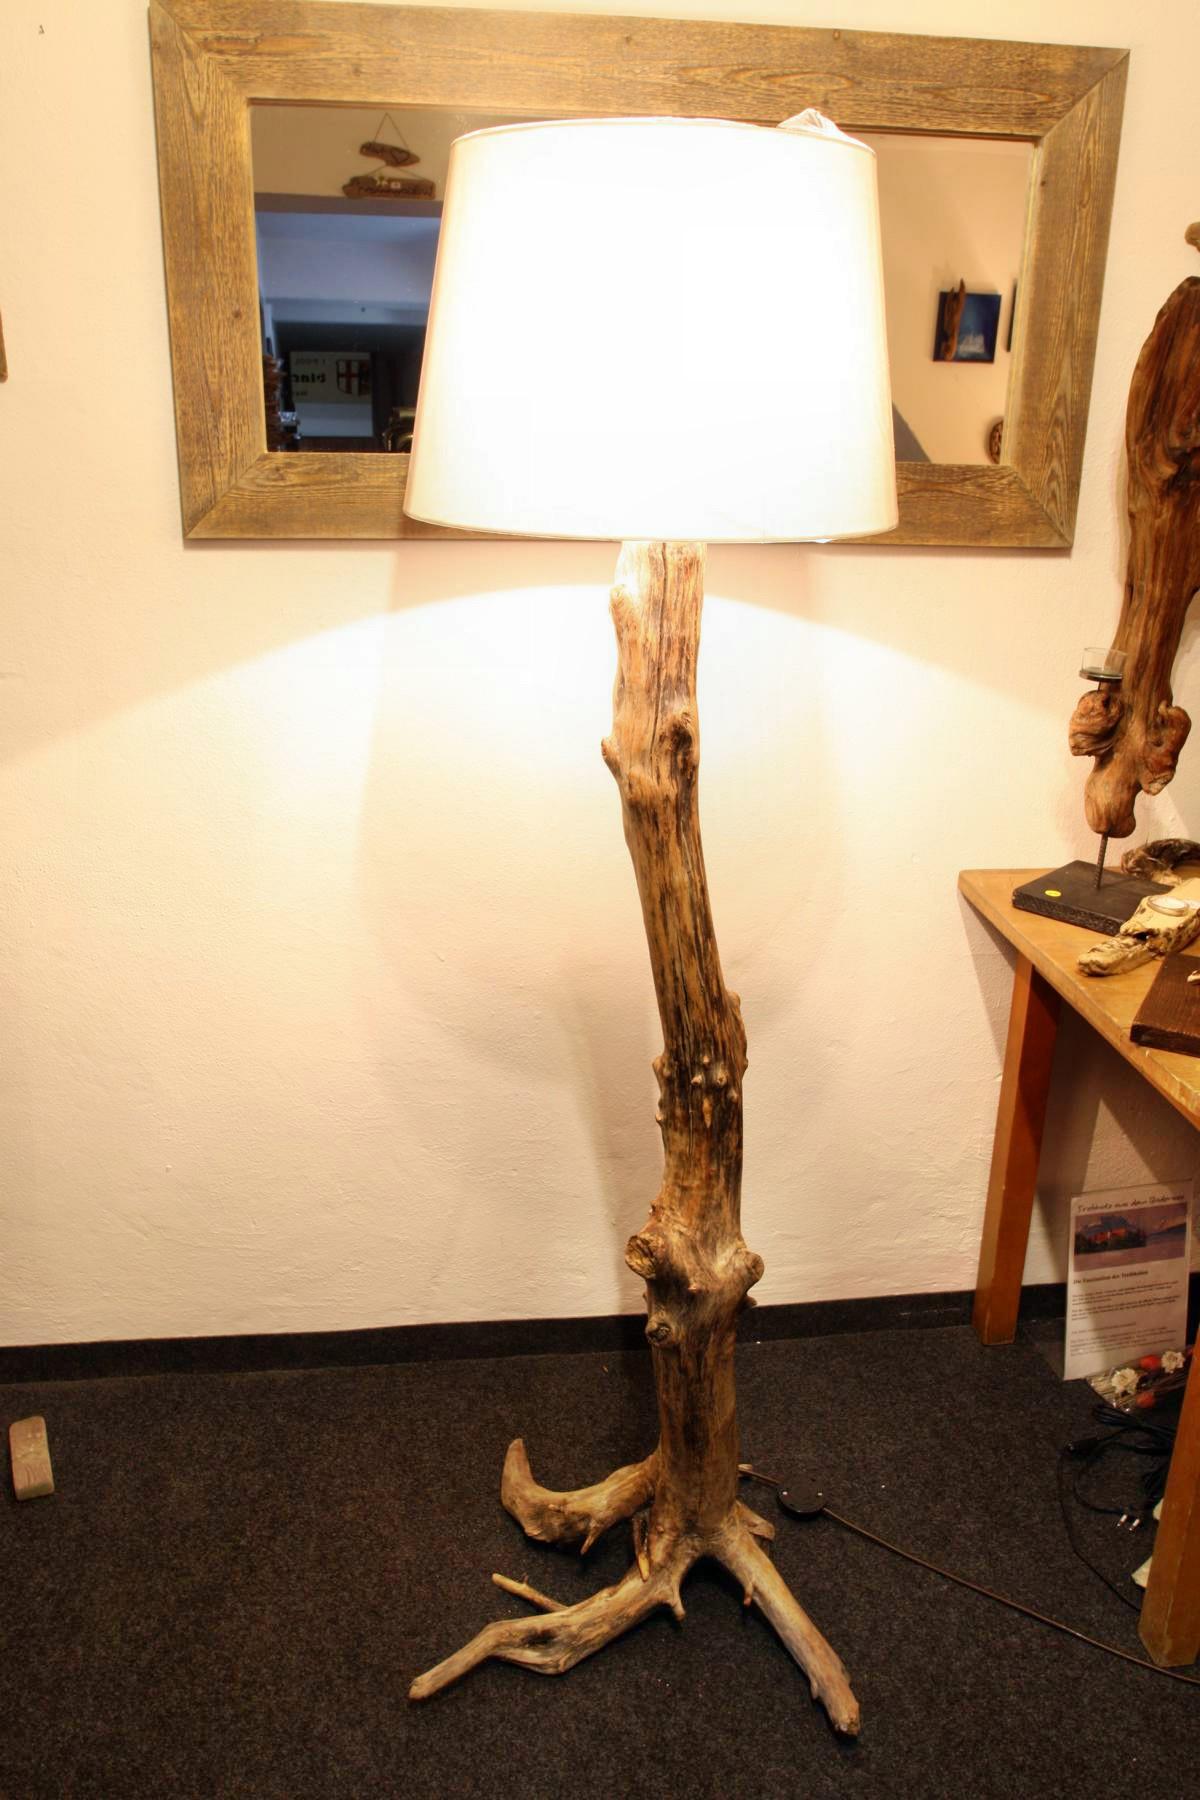 treibholz stehlampe mit schirm tisch und wandlampen. Black Bedroom Furniture Sets. Home Design Ideas